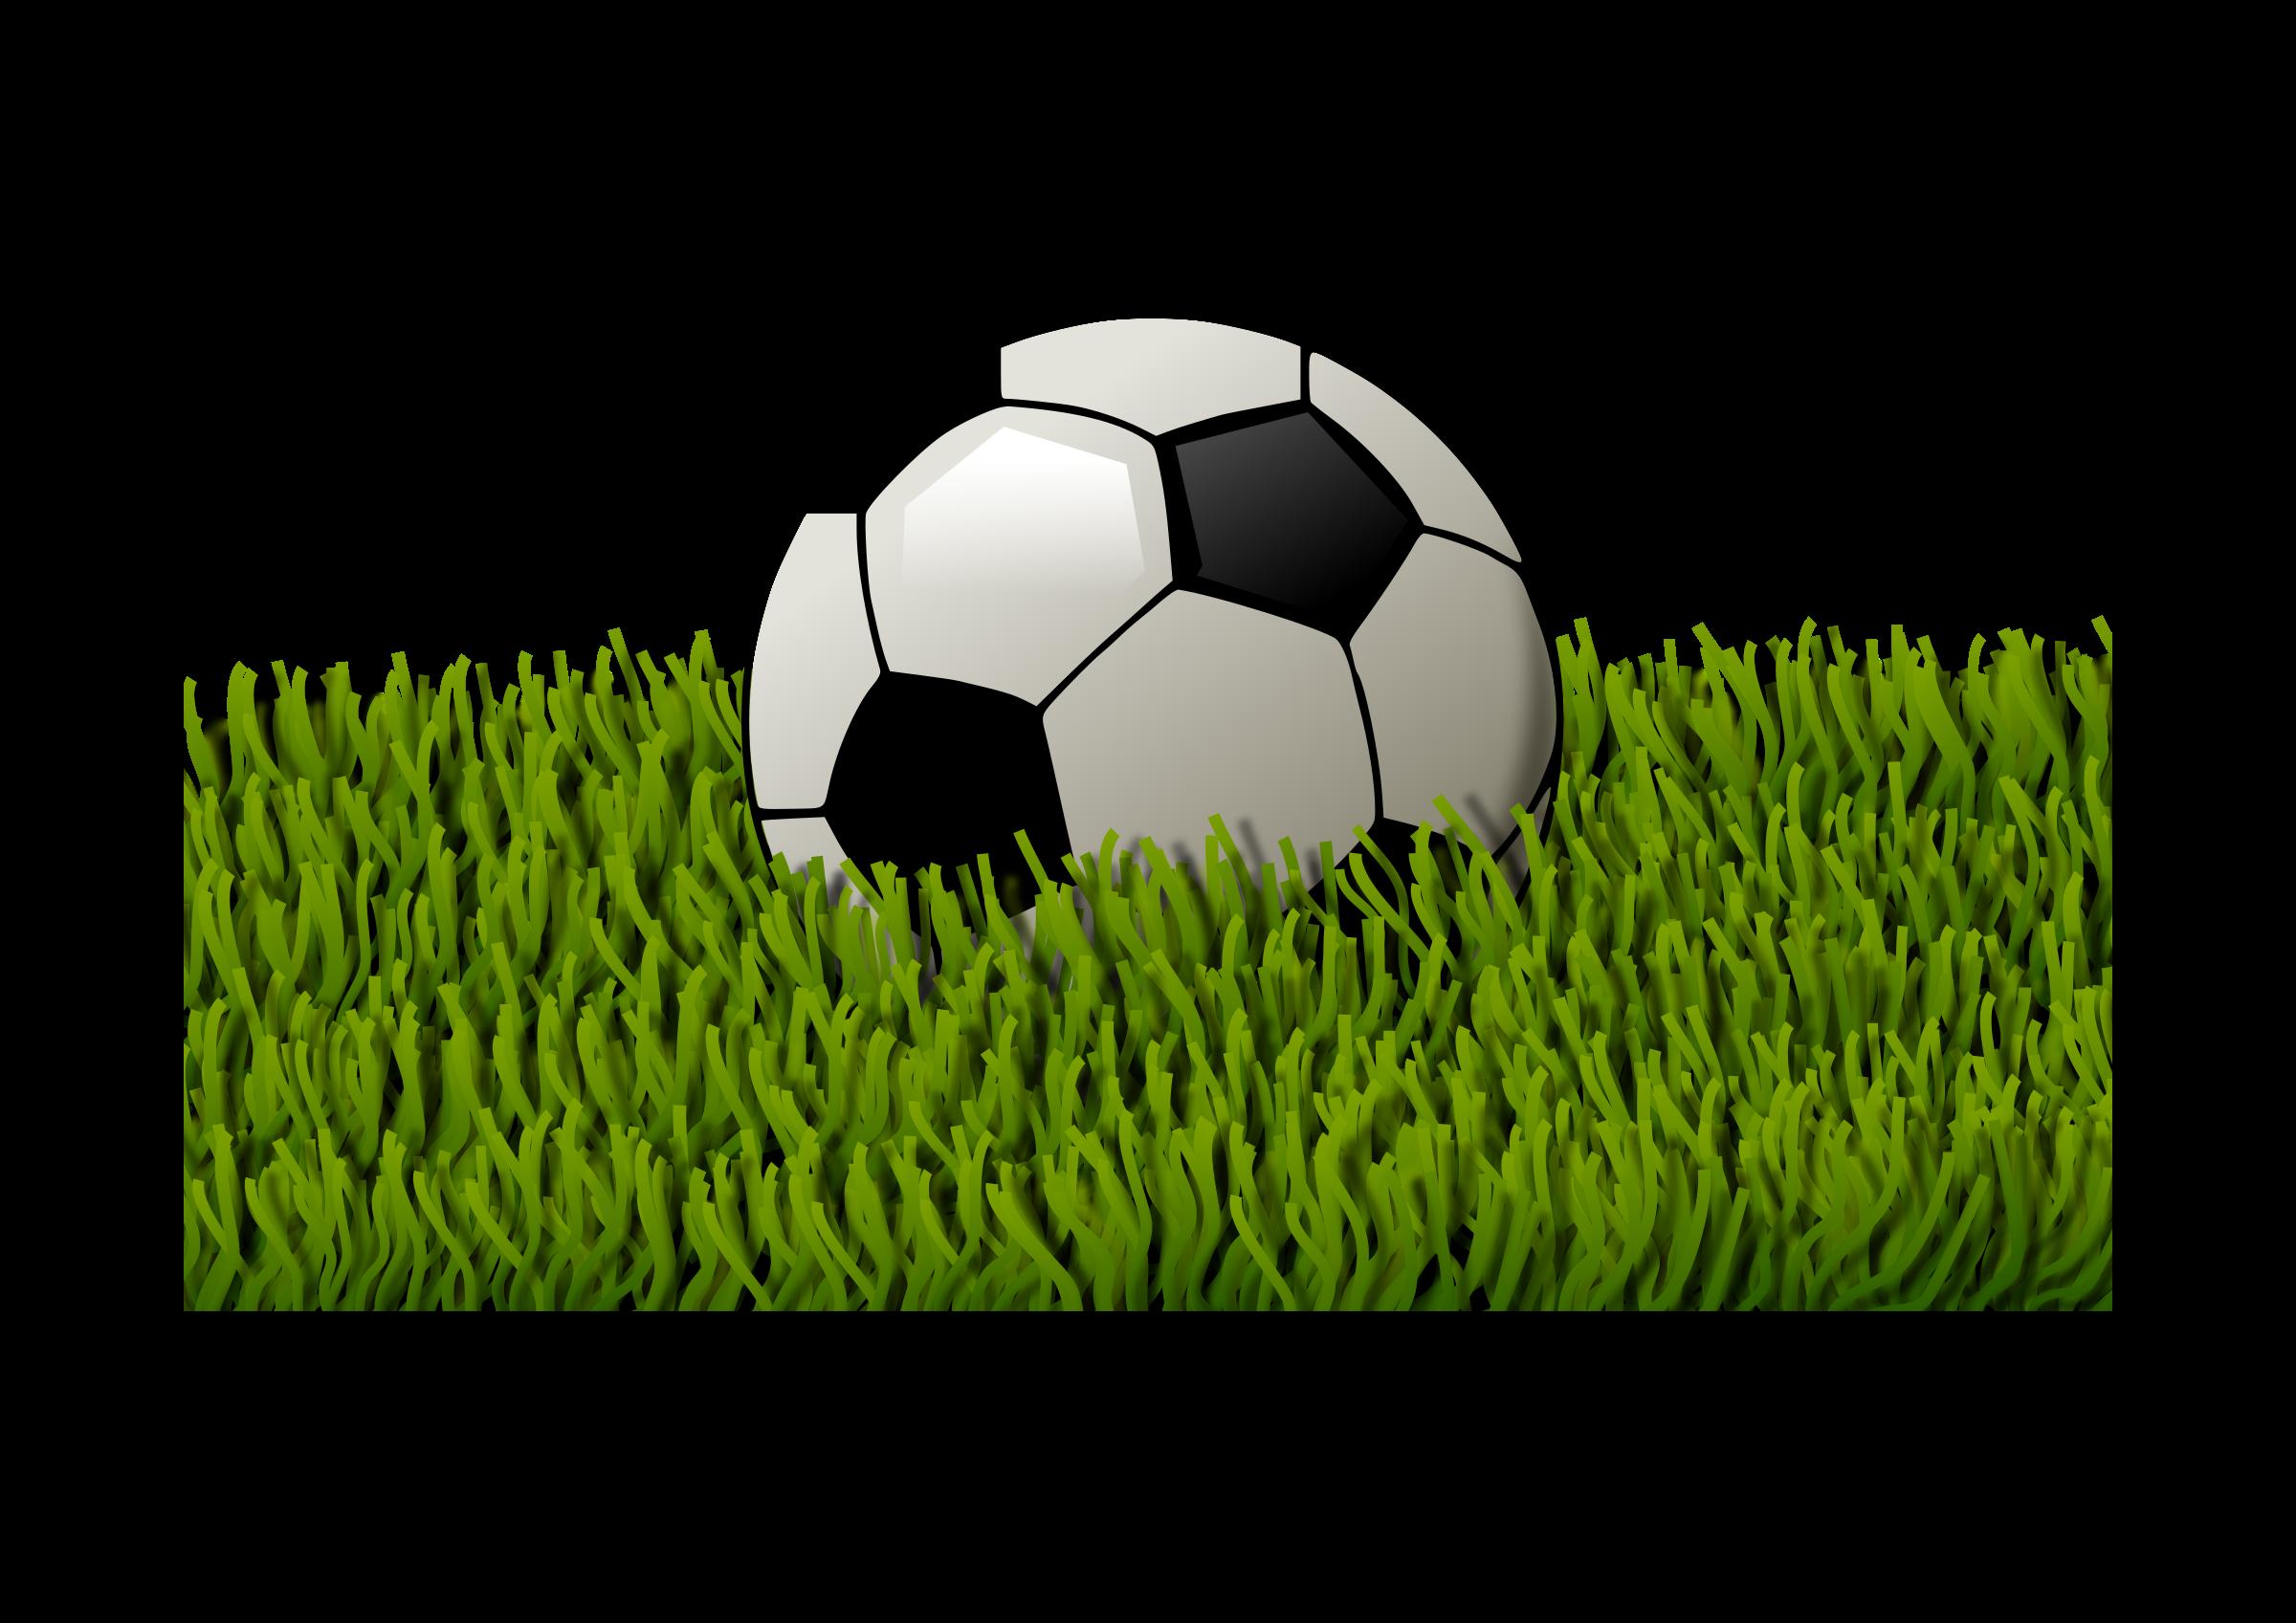 Football on grass clipart svg transparent stock Clipart - Soccer ball on grass 2 svg transparent stock